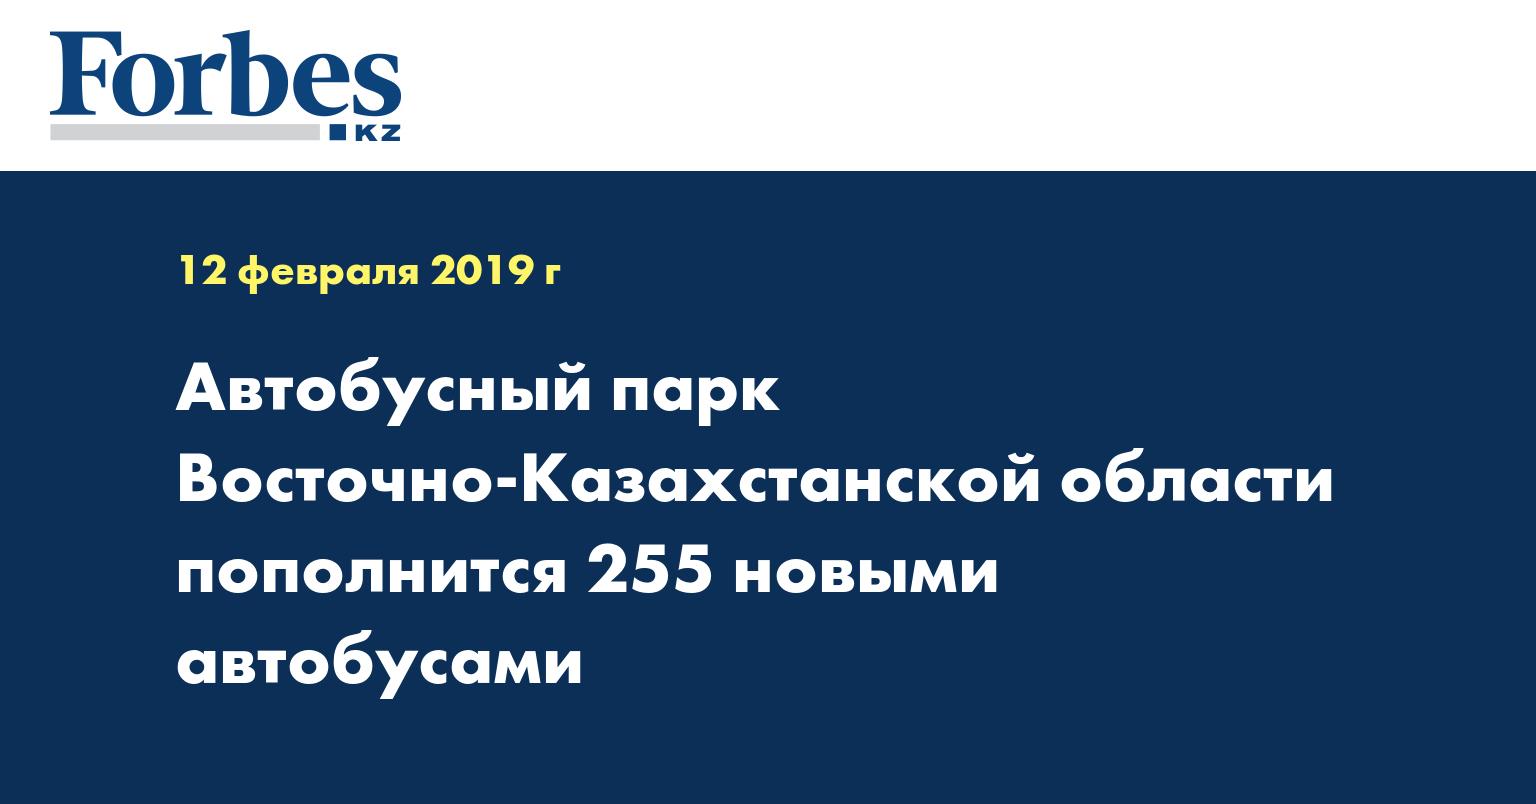 Автобусный парк Восточно-Казахстанской области пополнится 255 новыми автобусами